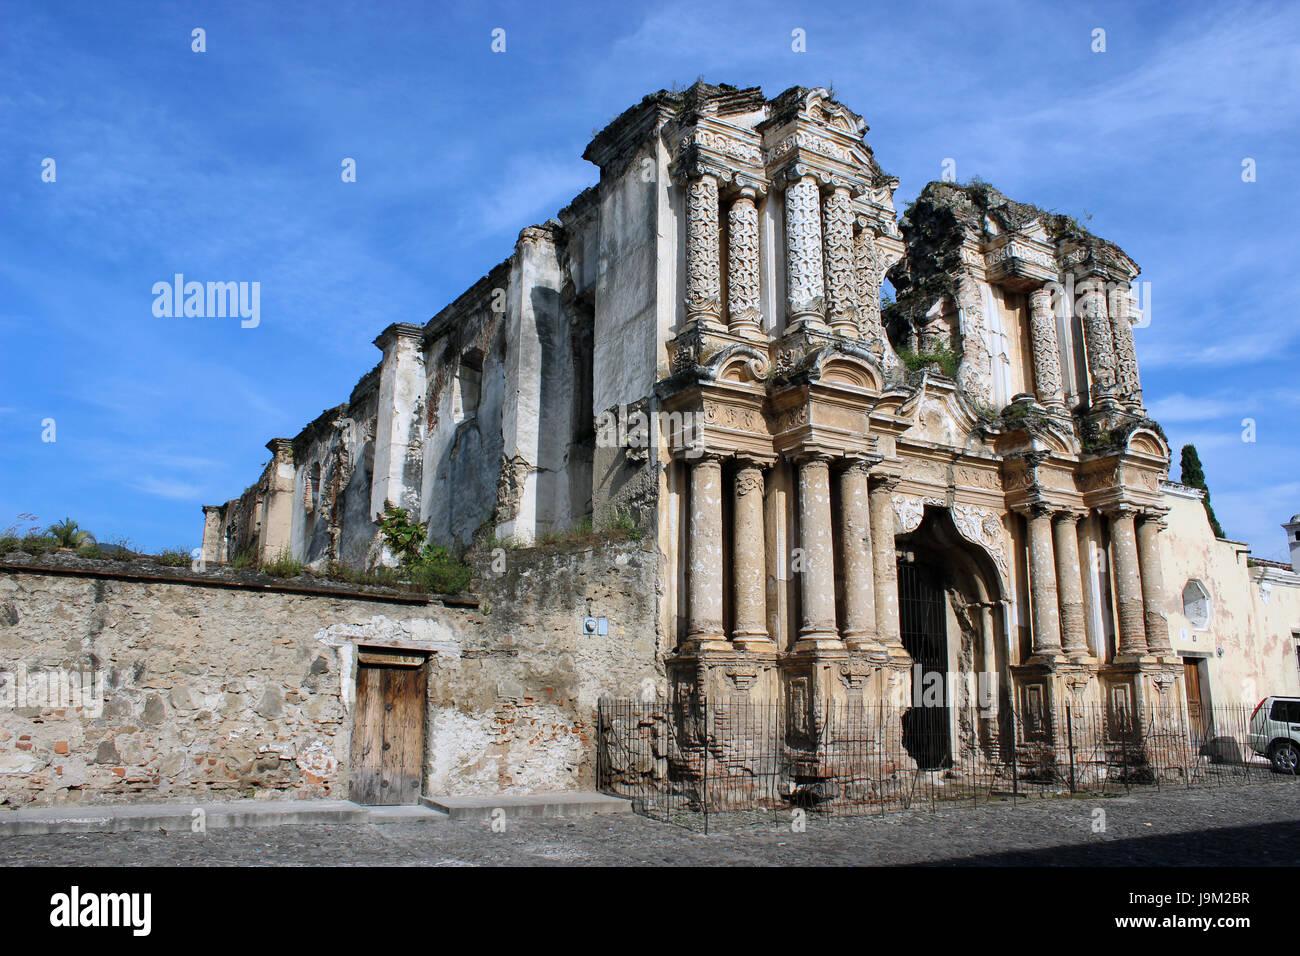 Ruinas de Iglesia en La Antigua Guatemala ciudad, patrimonio cultural de la coloniale segun la humanidad UNESCO, cuenta con muchas escuelas de español. Banque D'Images